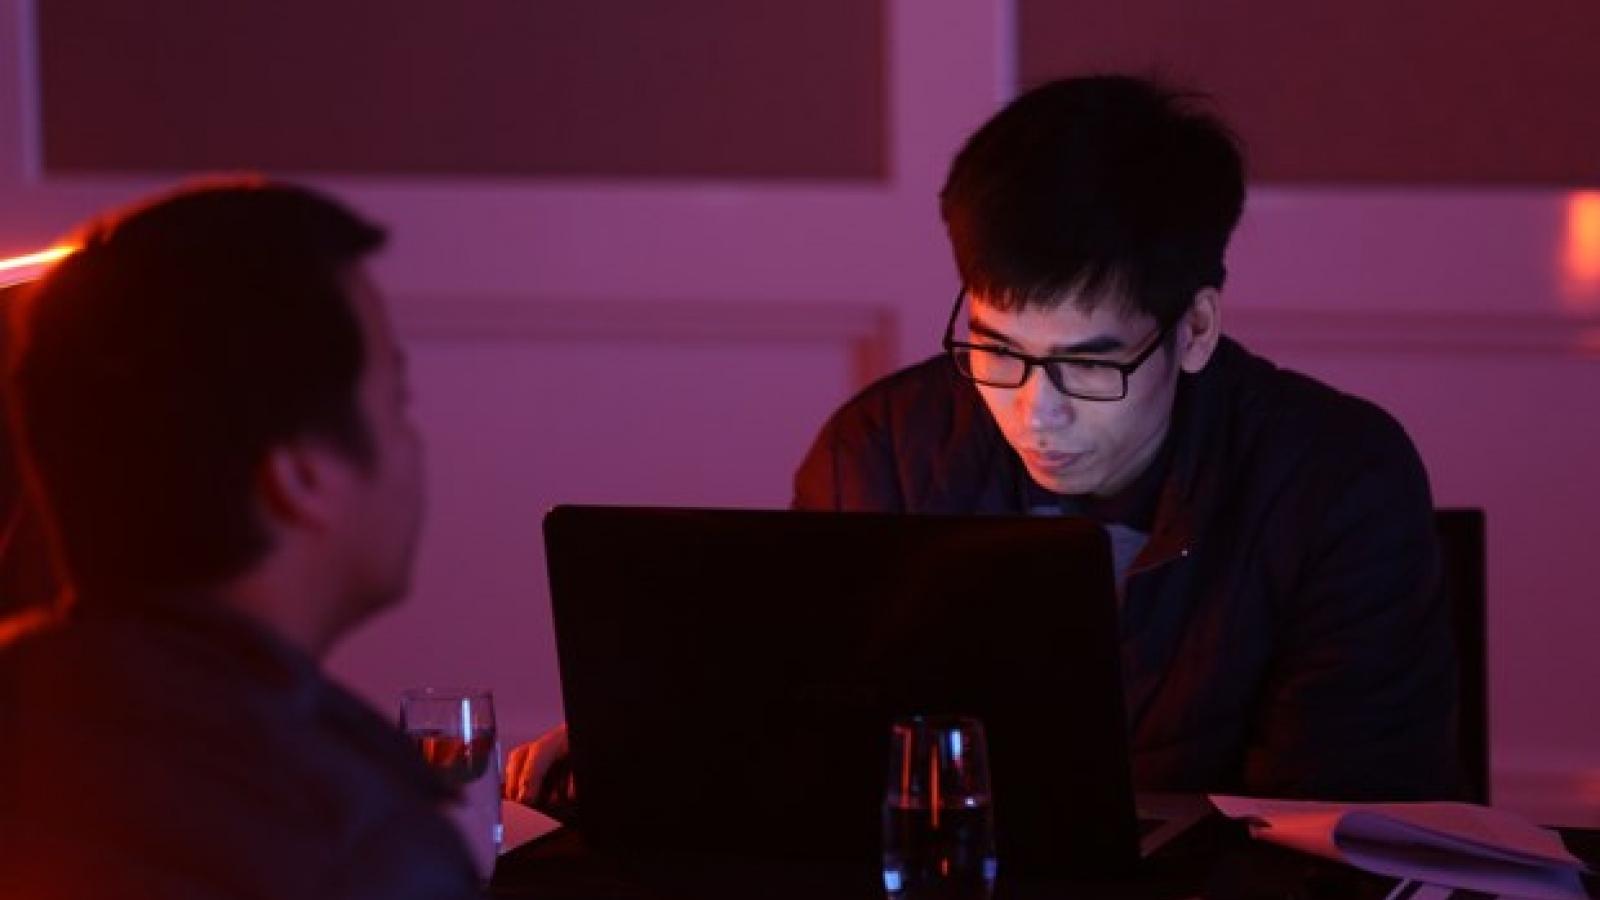 Cục An toàn thông tin cảnh báo về 19 lỗ hổng bảo mật mới trong VMware